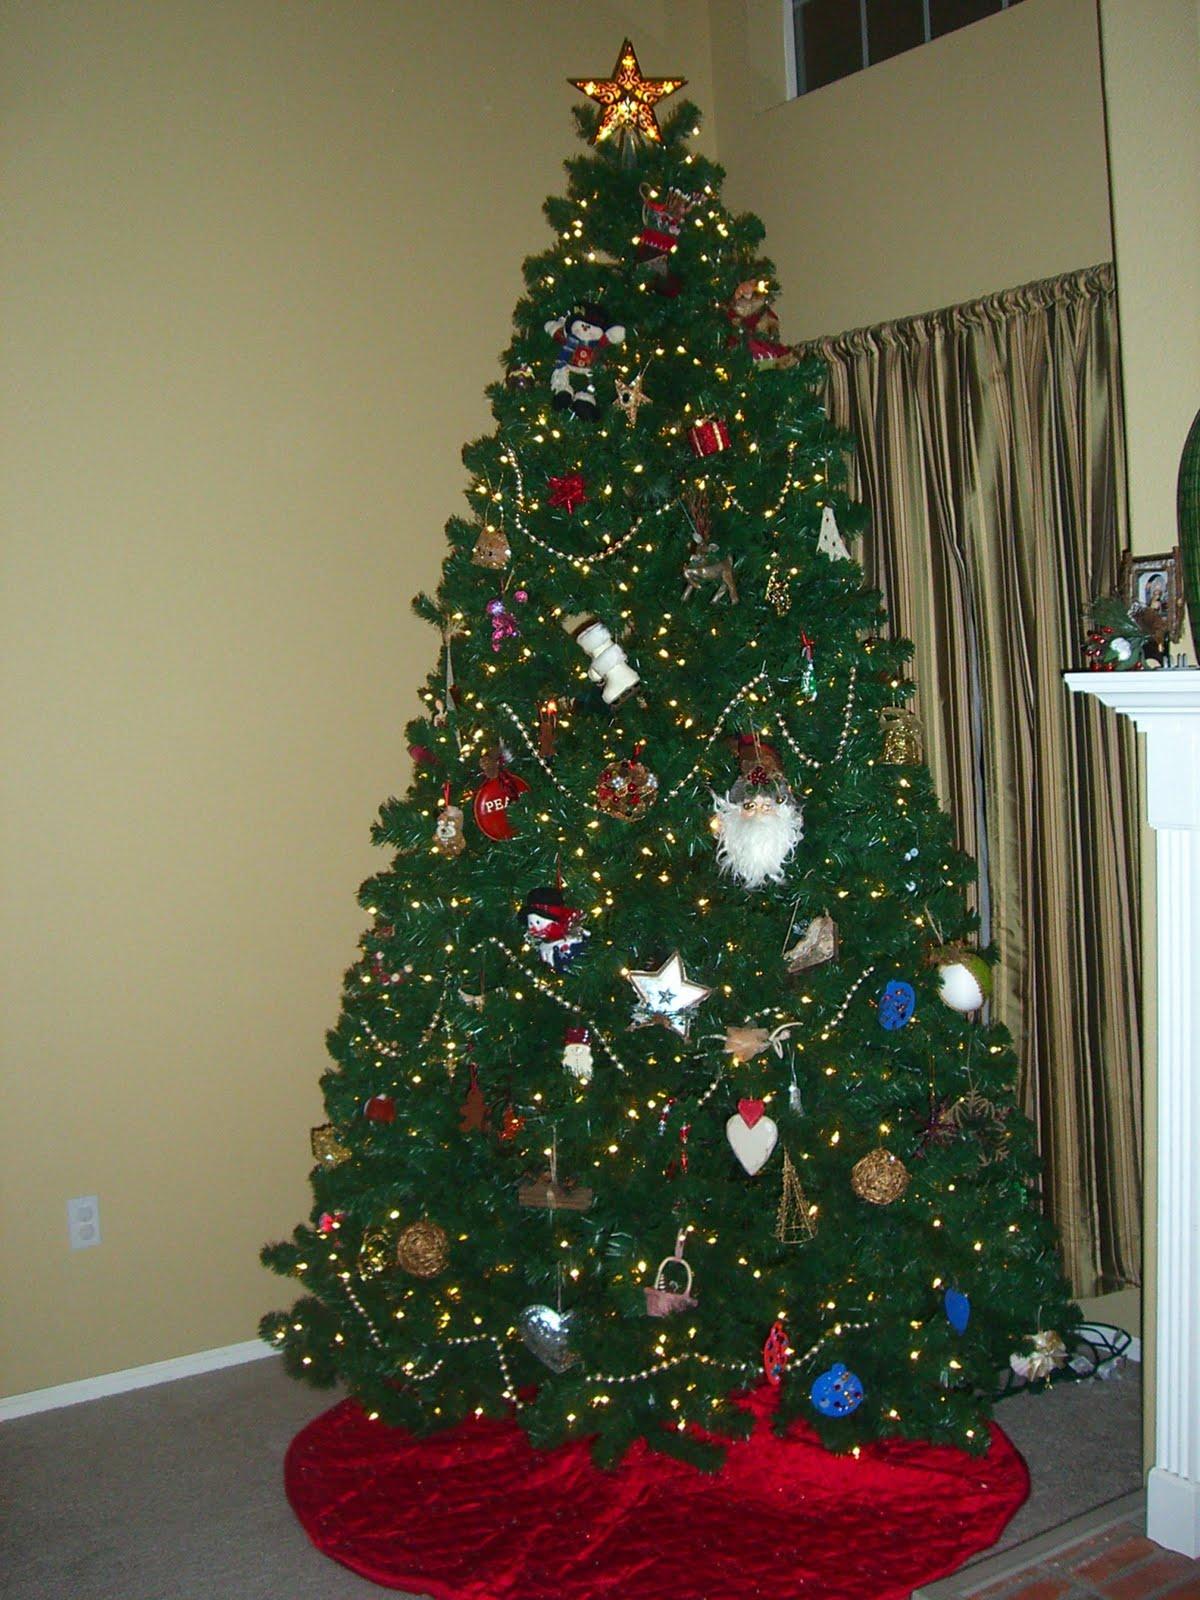 Home Confetti: December 2010